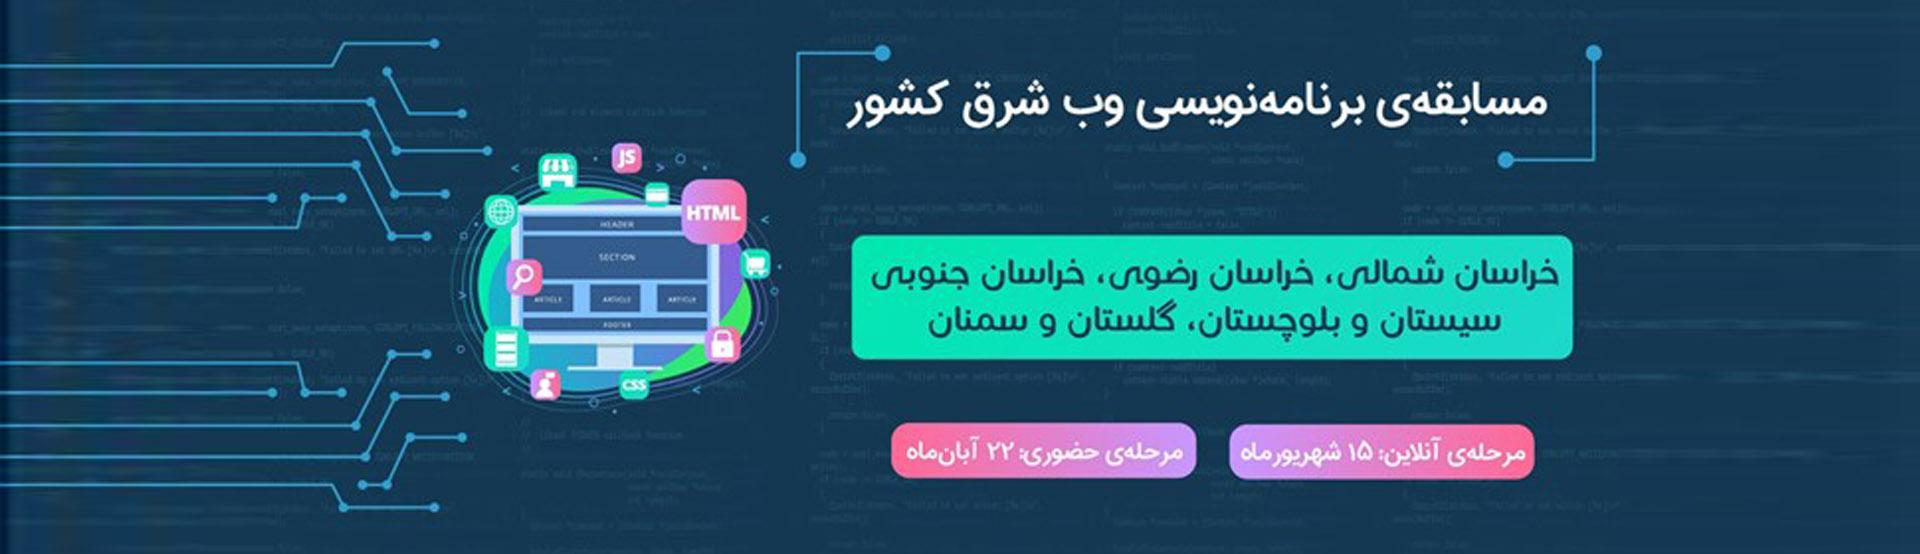 مسابقهی برنامهنویسی وب شرق کشور